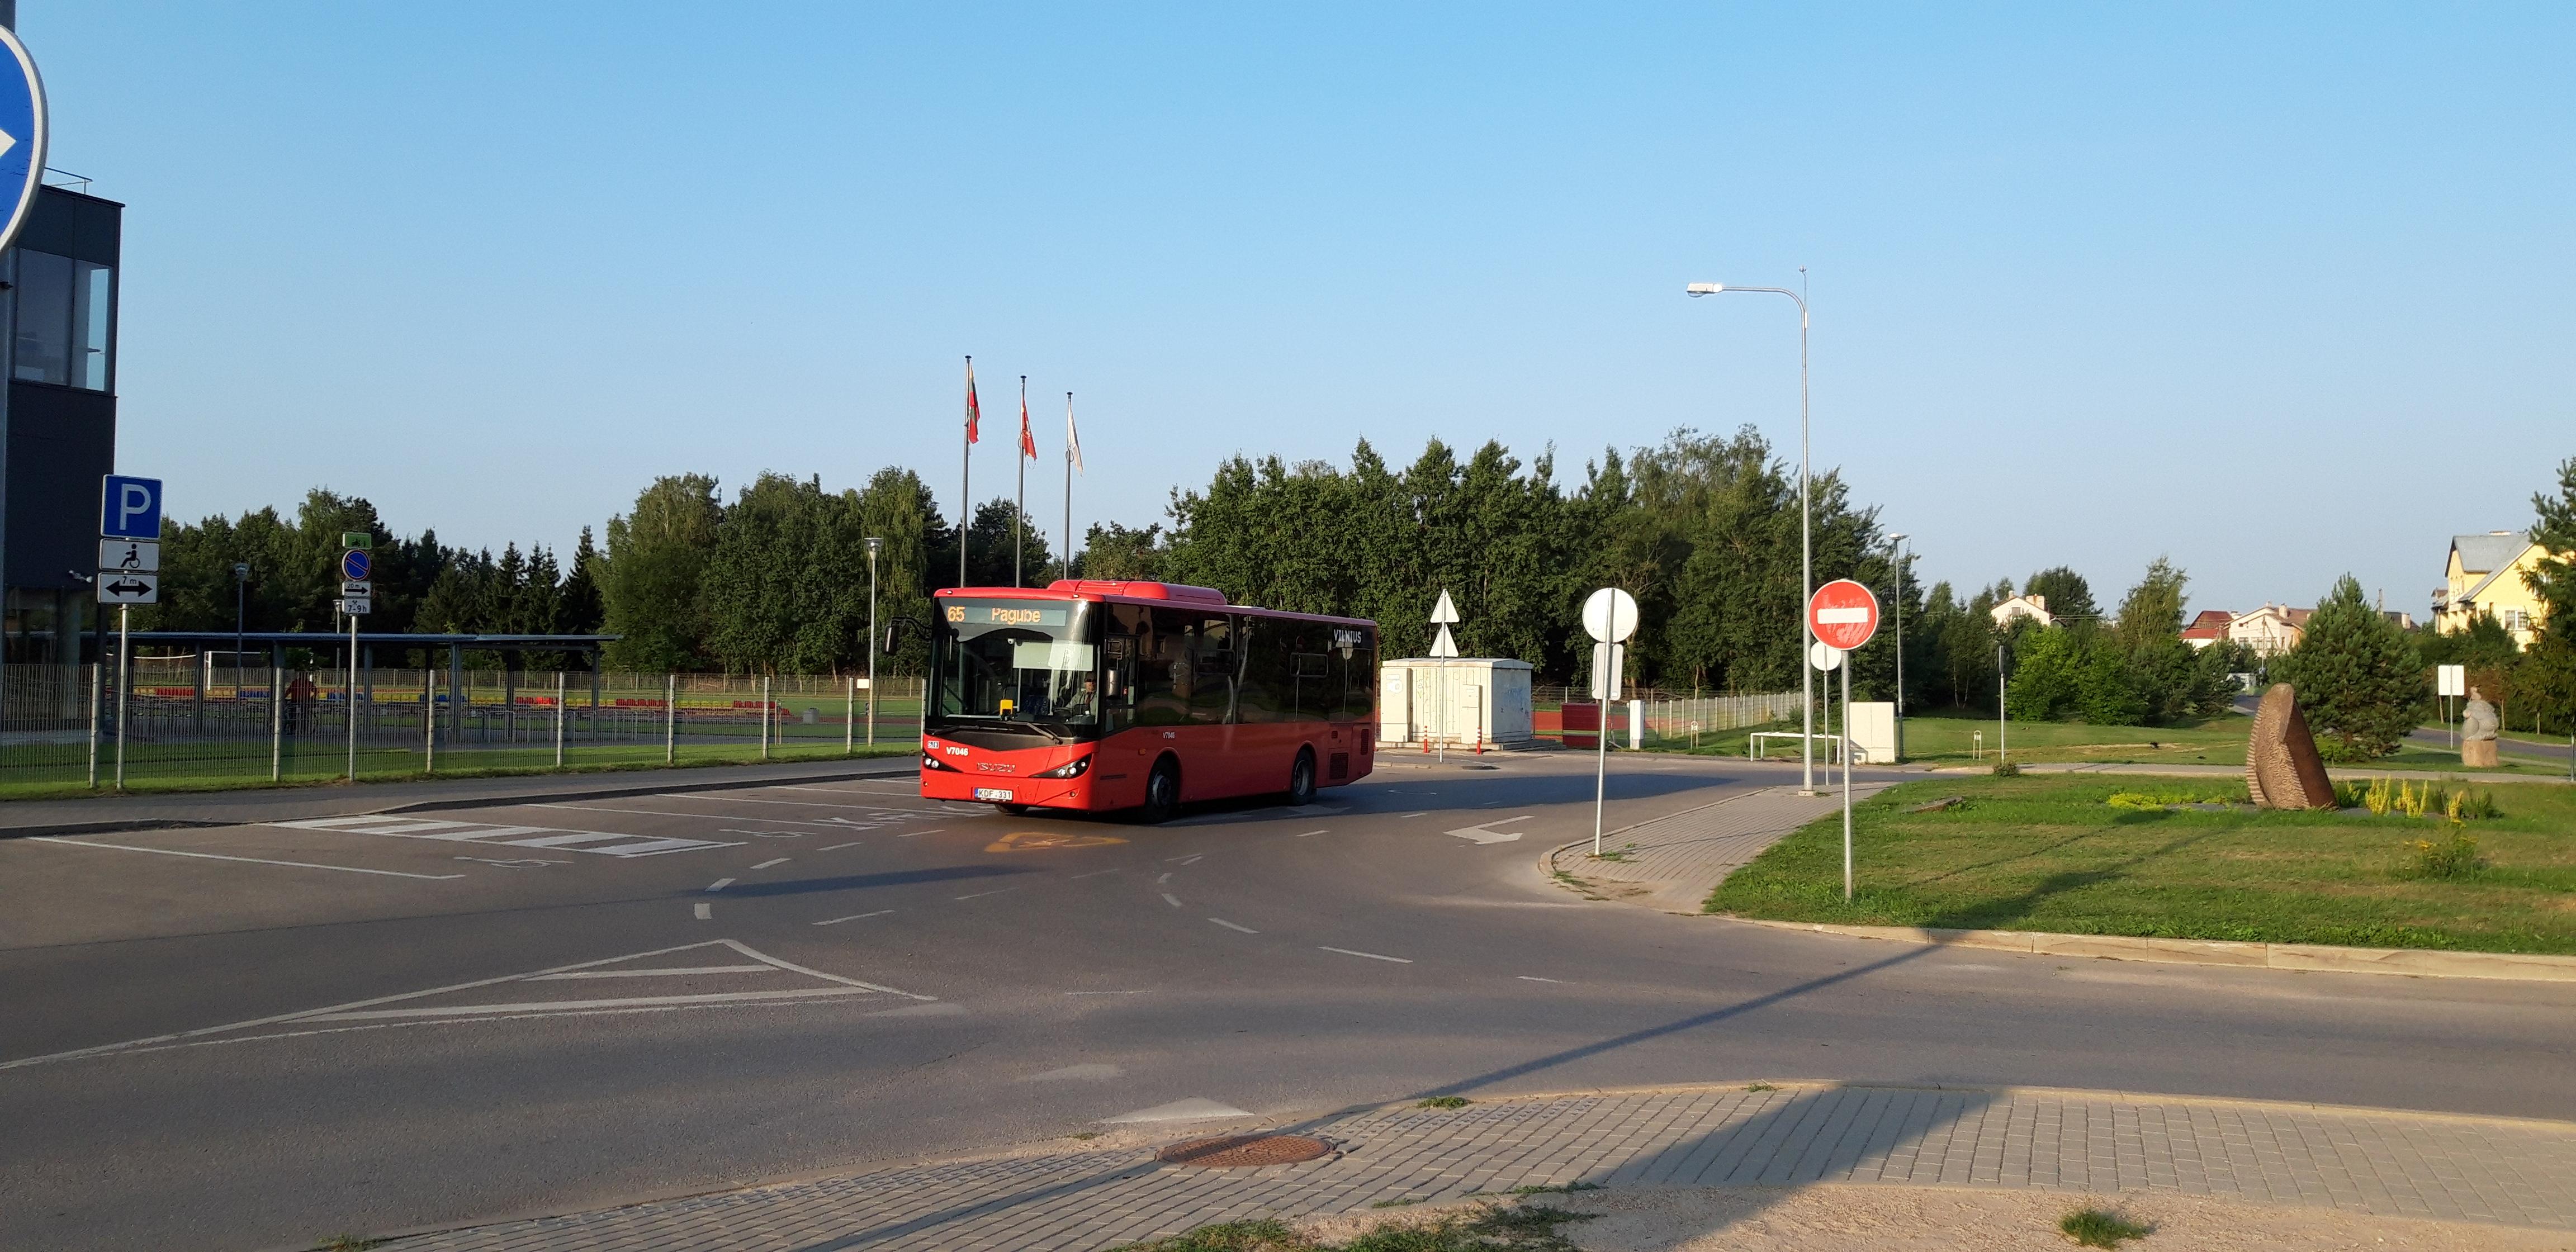 """SĮ """"Susisiekimo paslaugos """" antrus metus iš eilės kviečia visus Viešojo transporto keleivius aktyviai teikti pasiūlymus vasaros tvarkaraščiams"""